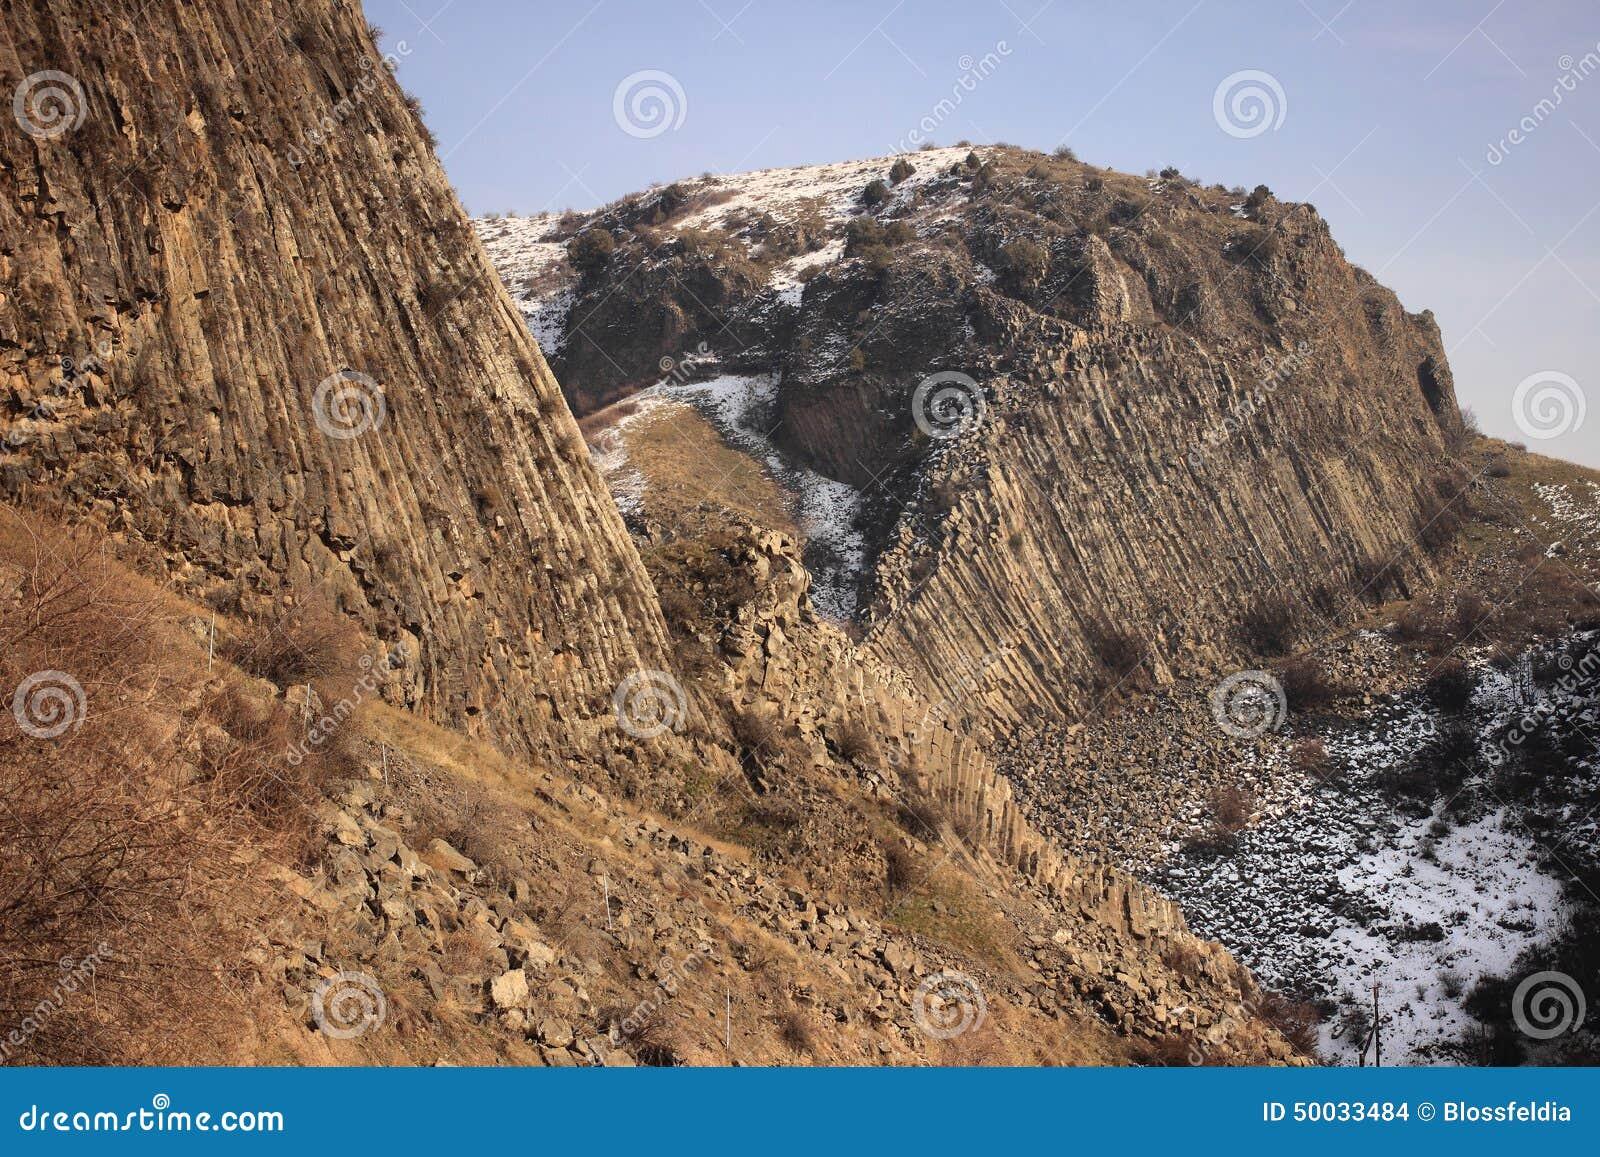 El barranco del río de Azat y sinfonía de piedras cerca de Garni en invierno